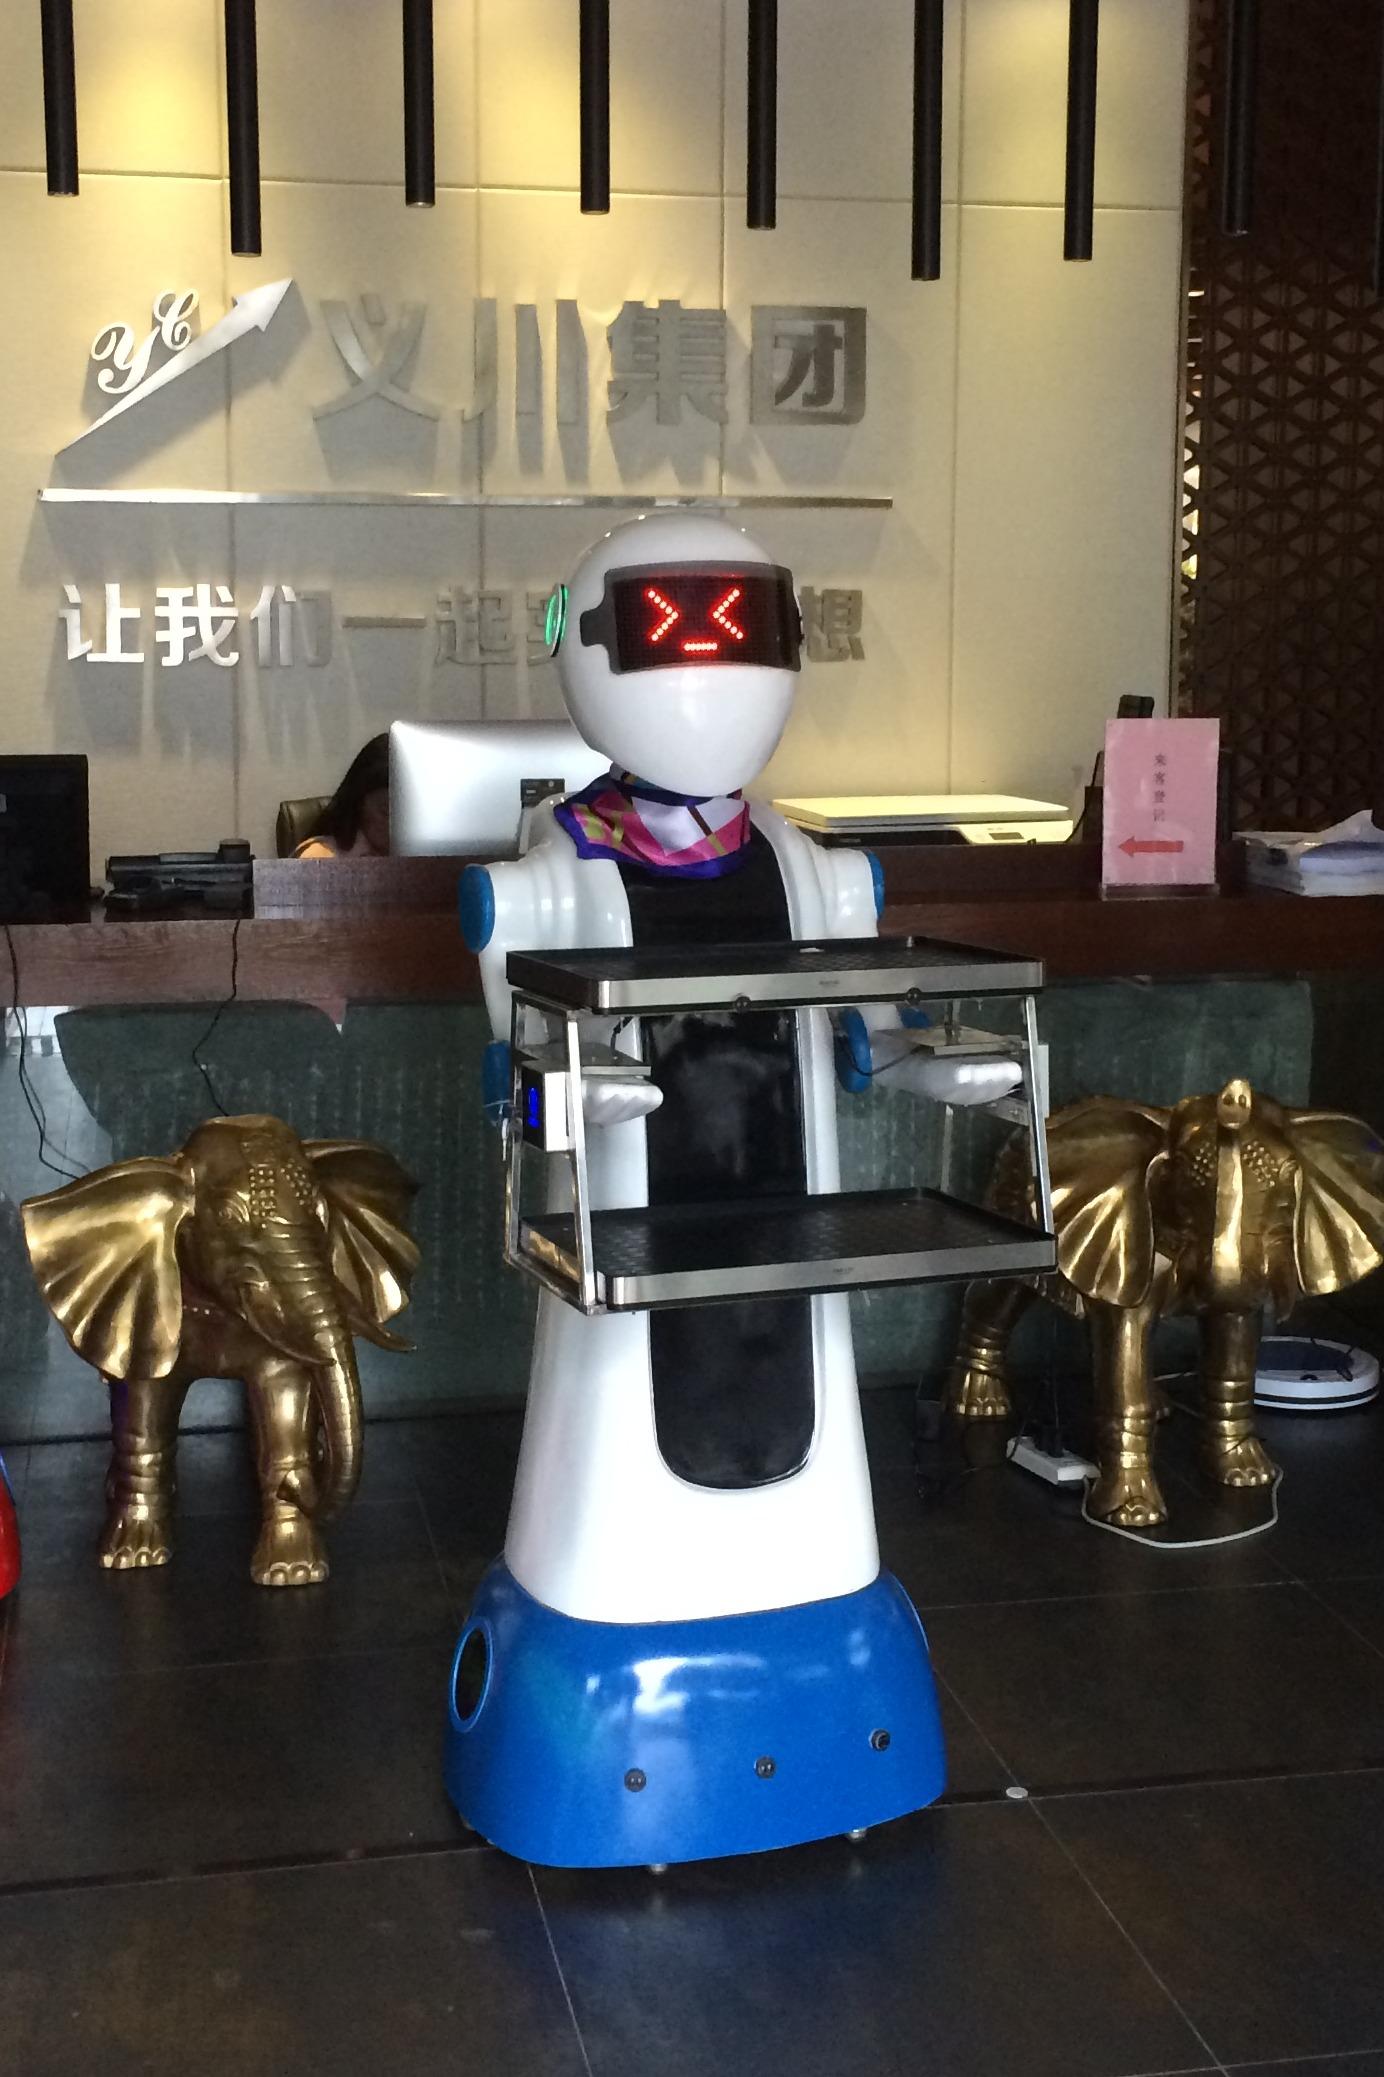 义川智能送餐机器人分享会